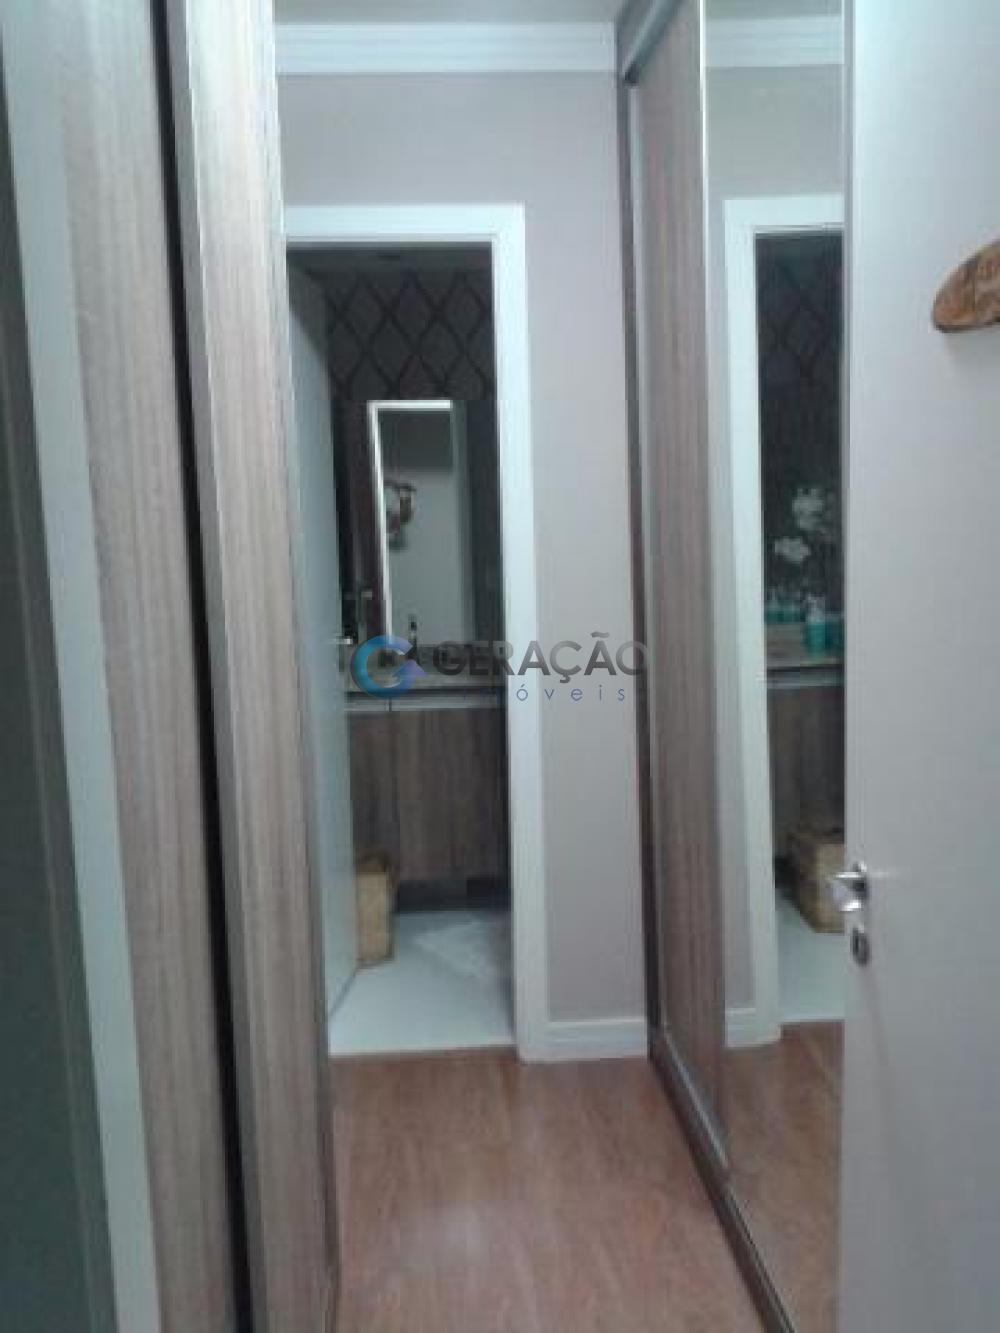 Comprar Apartamento / Padrão em São José dos Campos apenas R$ 510.000,00 - Foto 1